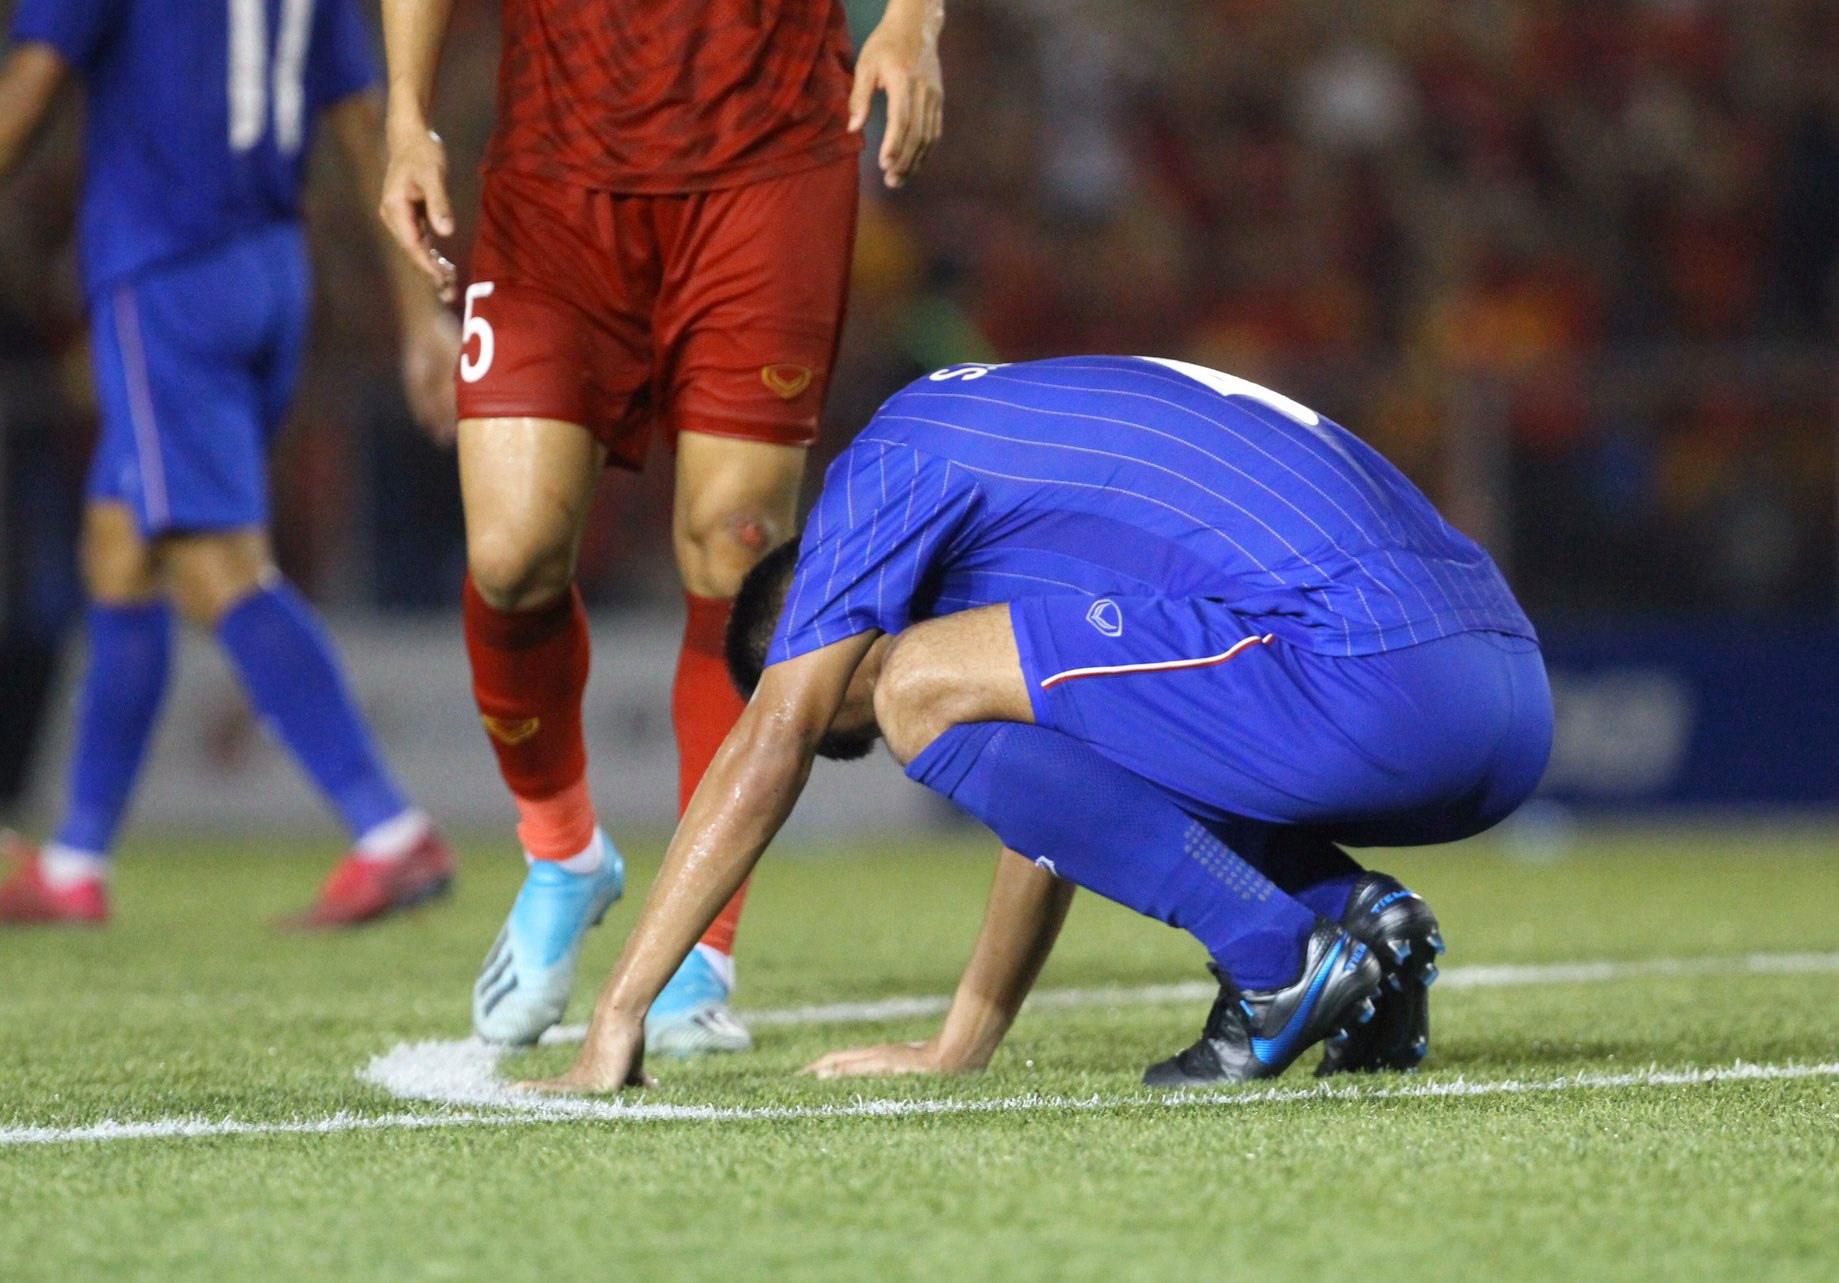 Bị Việt Nam cho về nhà sớm, cầu thủ Thái Lan suy sụp, thất thần, xấu hổ đến mức không dám nhìn các cổ động viên - Ảnh 1.